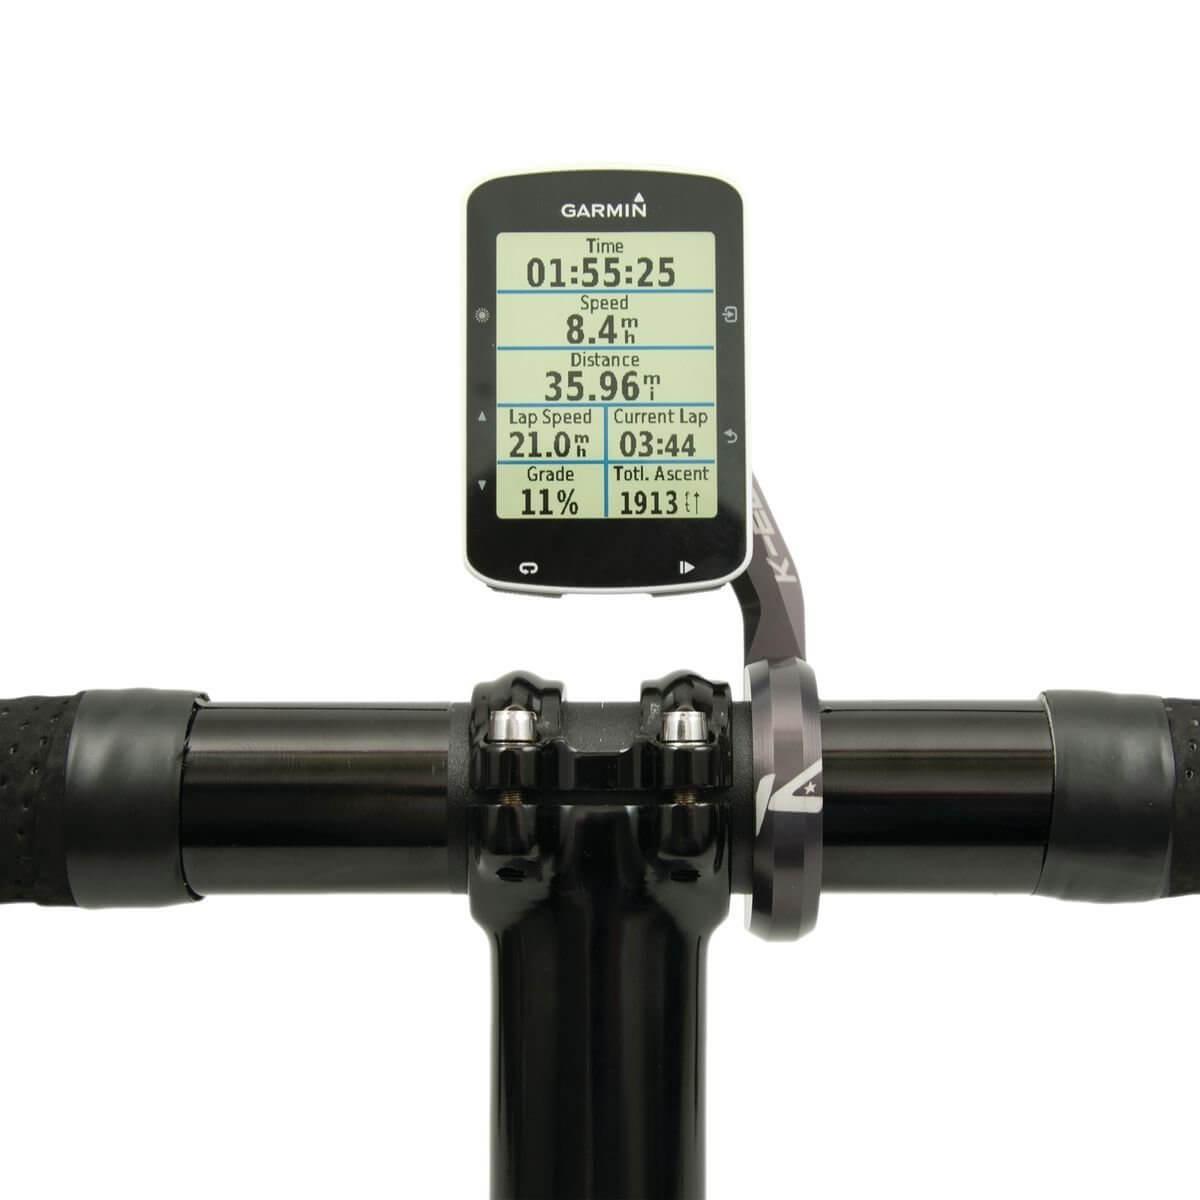 Garmin Power Meter : K edge sport mount for garmin power meter city